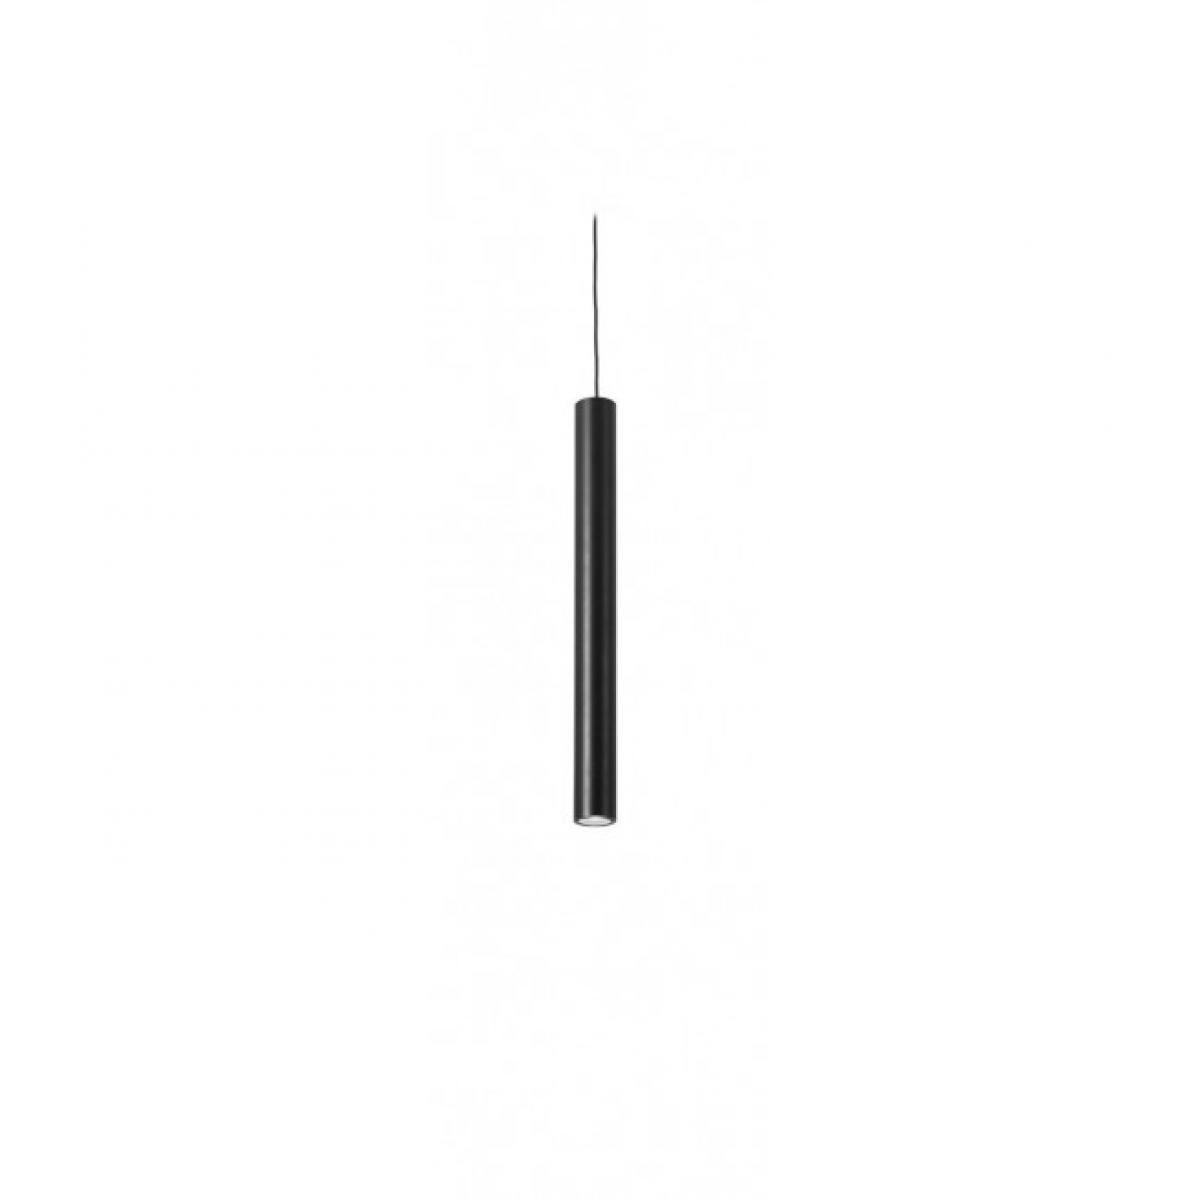 Leds C4 Suspension 30 cm Stylus, aluminium, noir